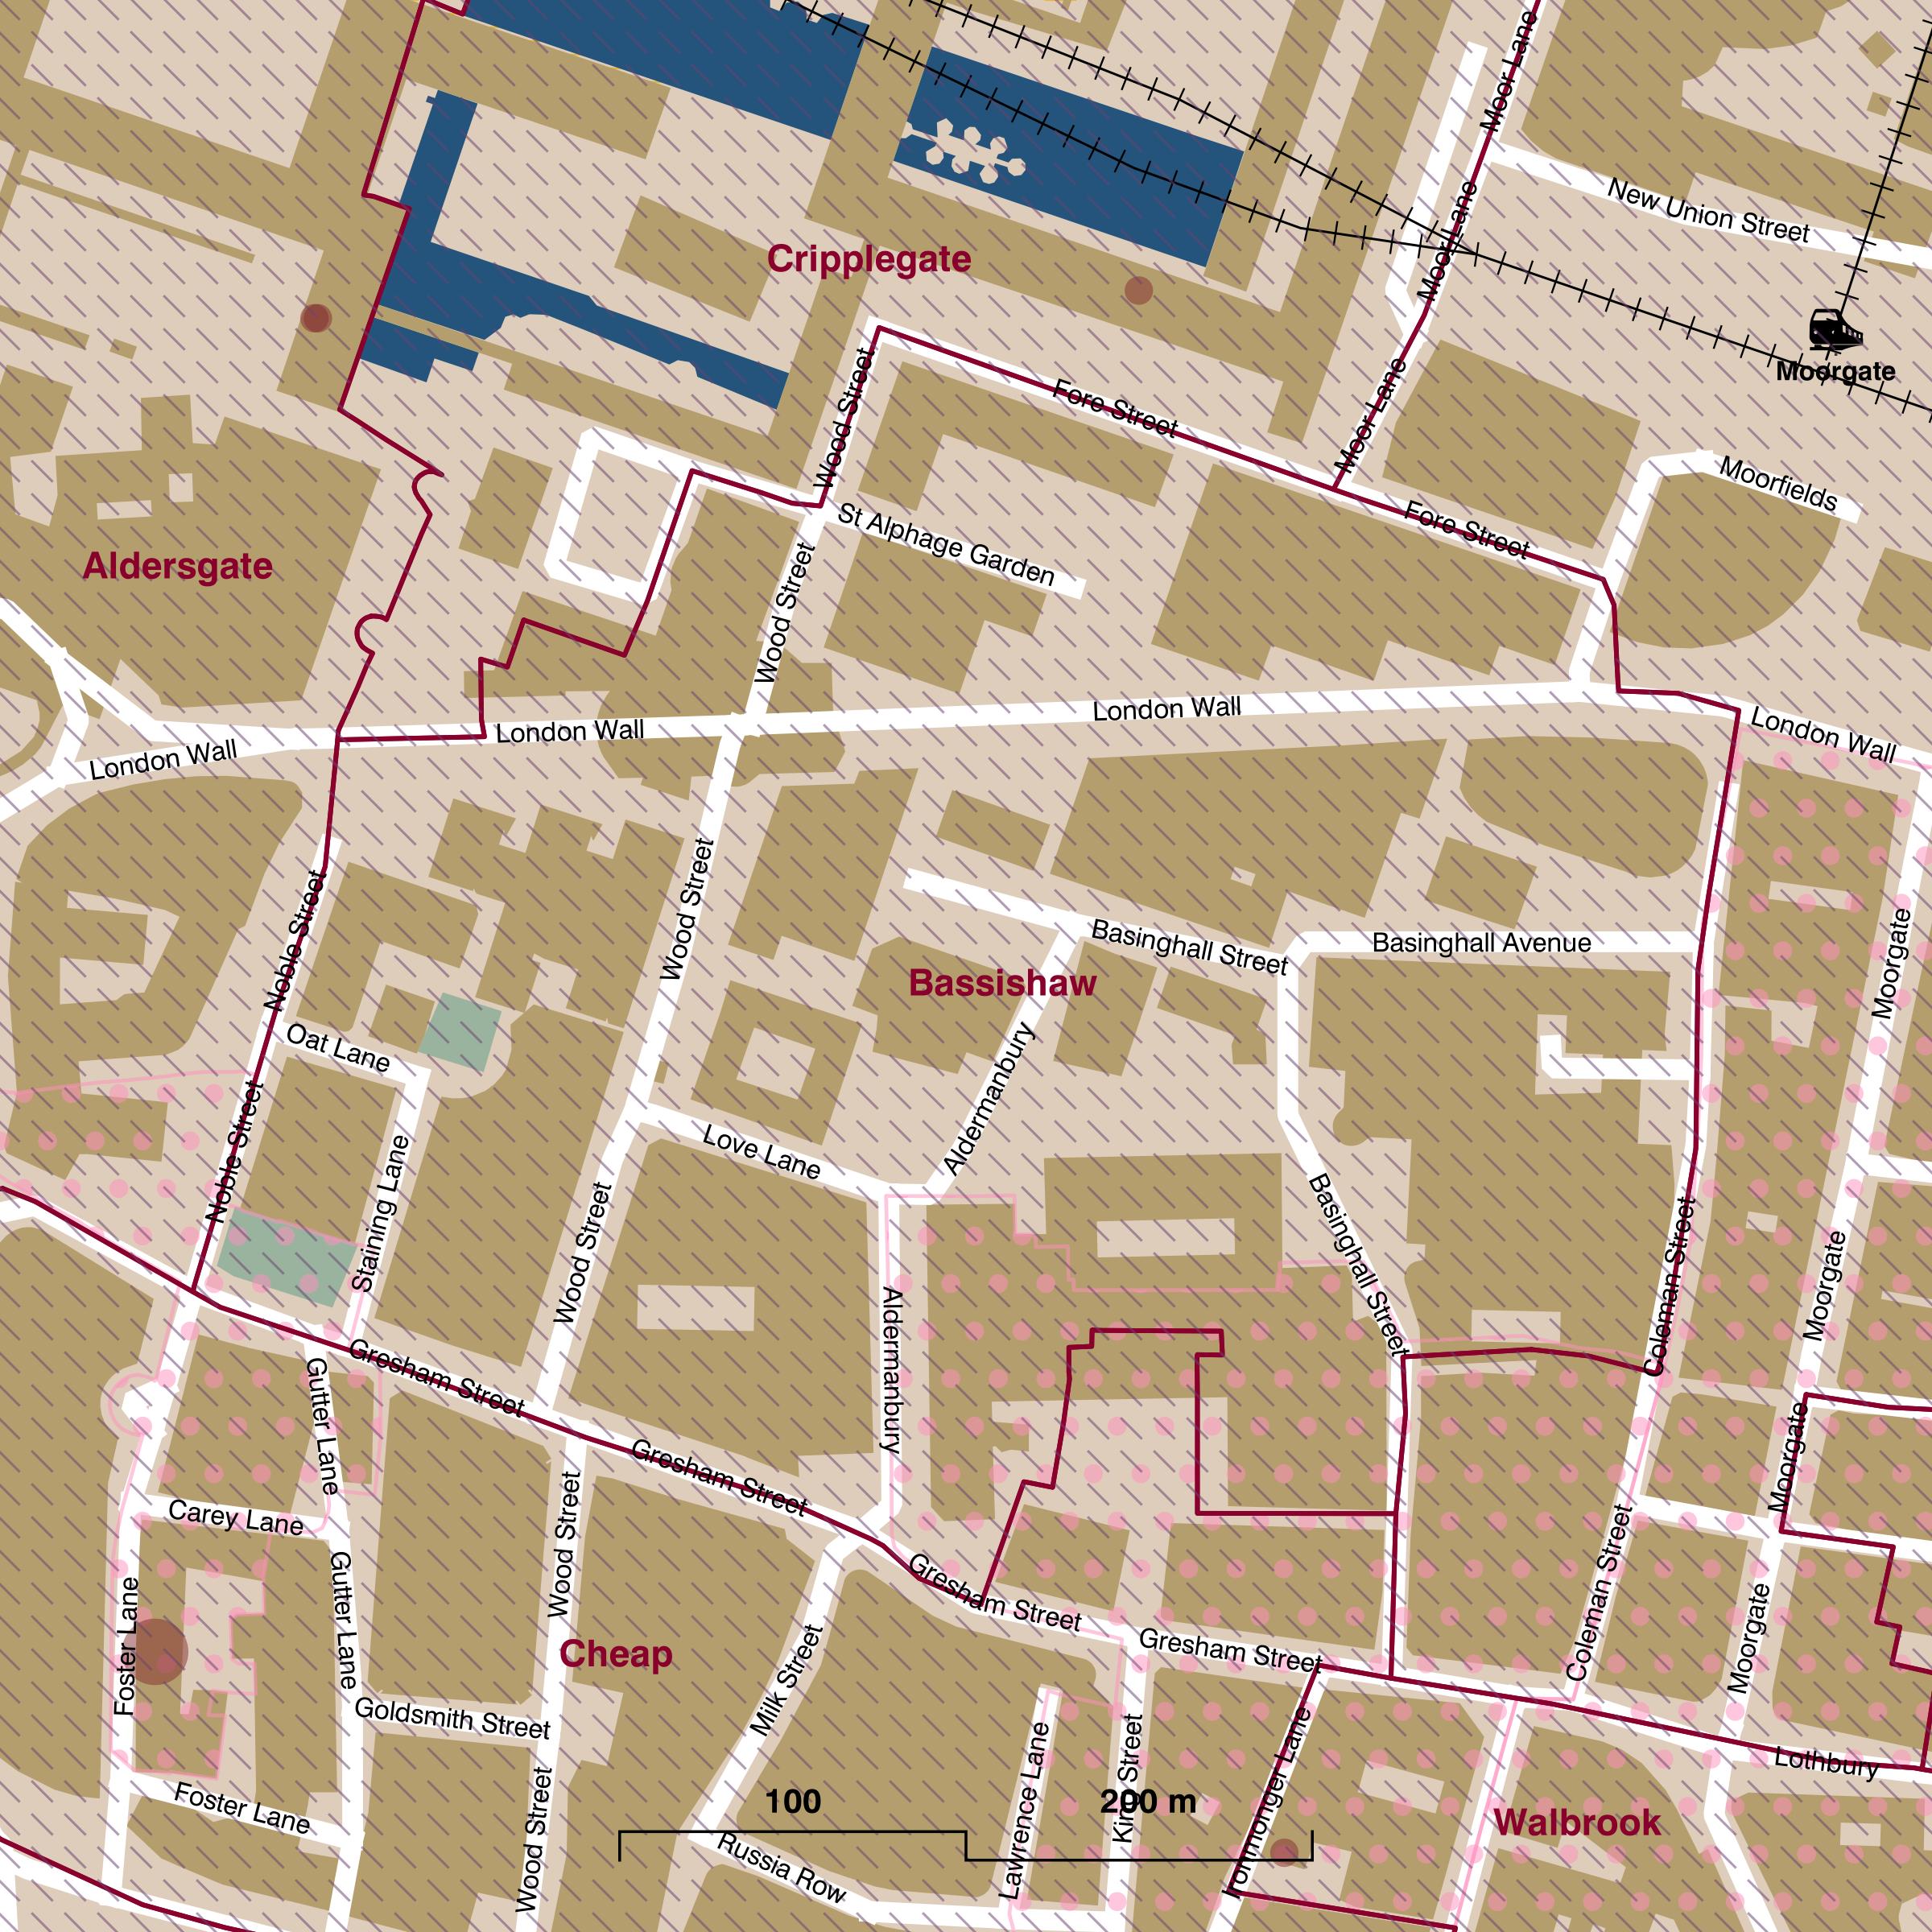 Map of Bassishaw ward